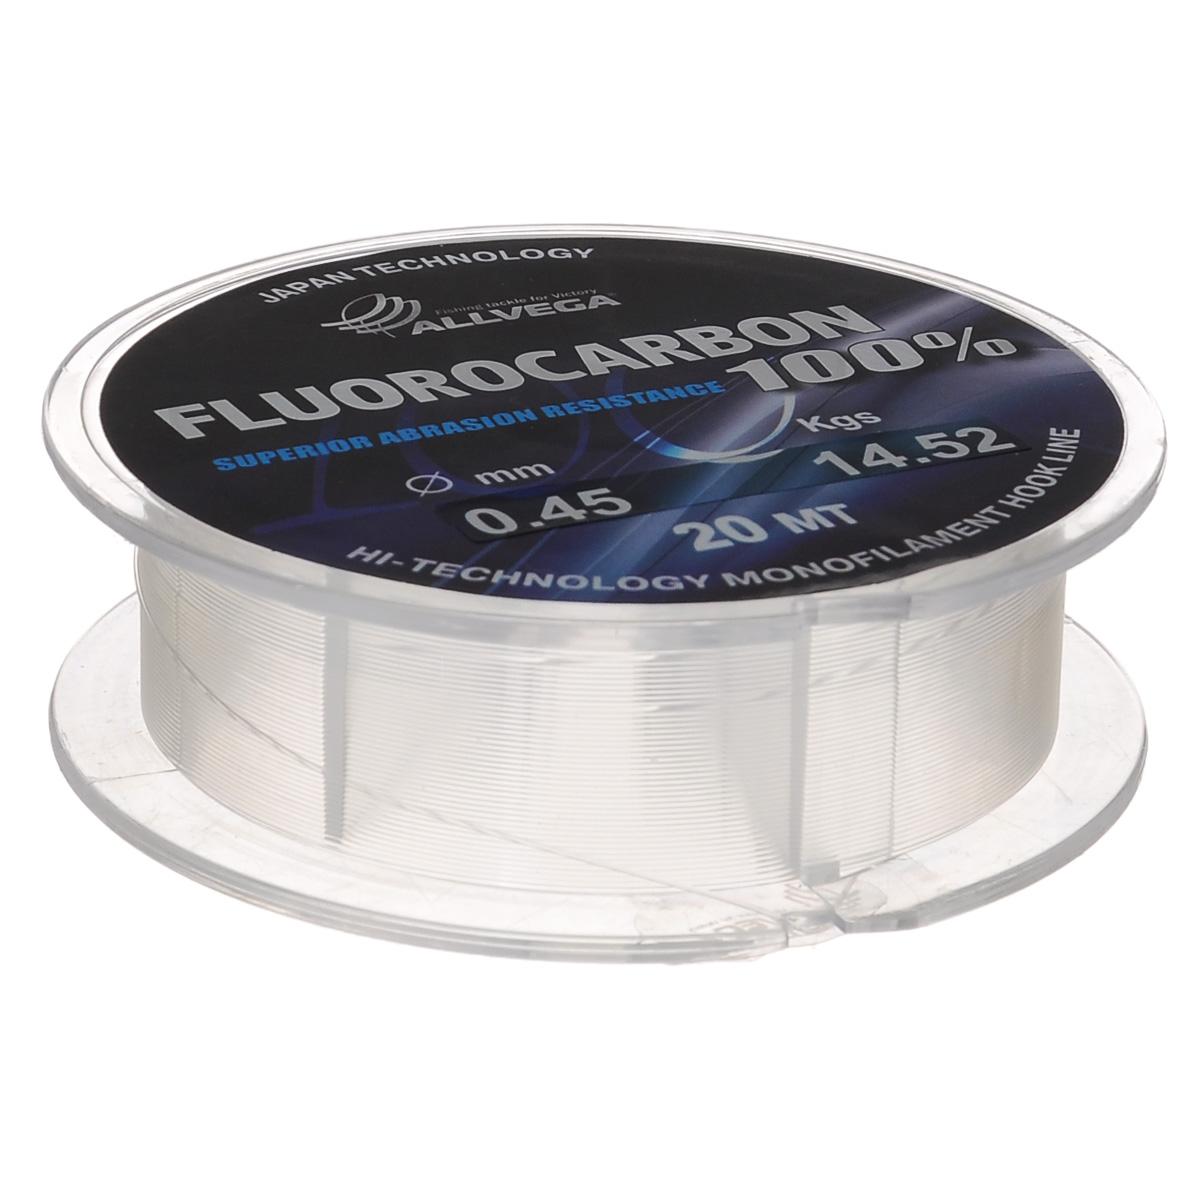 Леска Allvega FX Fluorocarbon 100%, цвет: прозрачный, 20 м, 0,45 мм, 14,52 кг